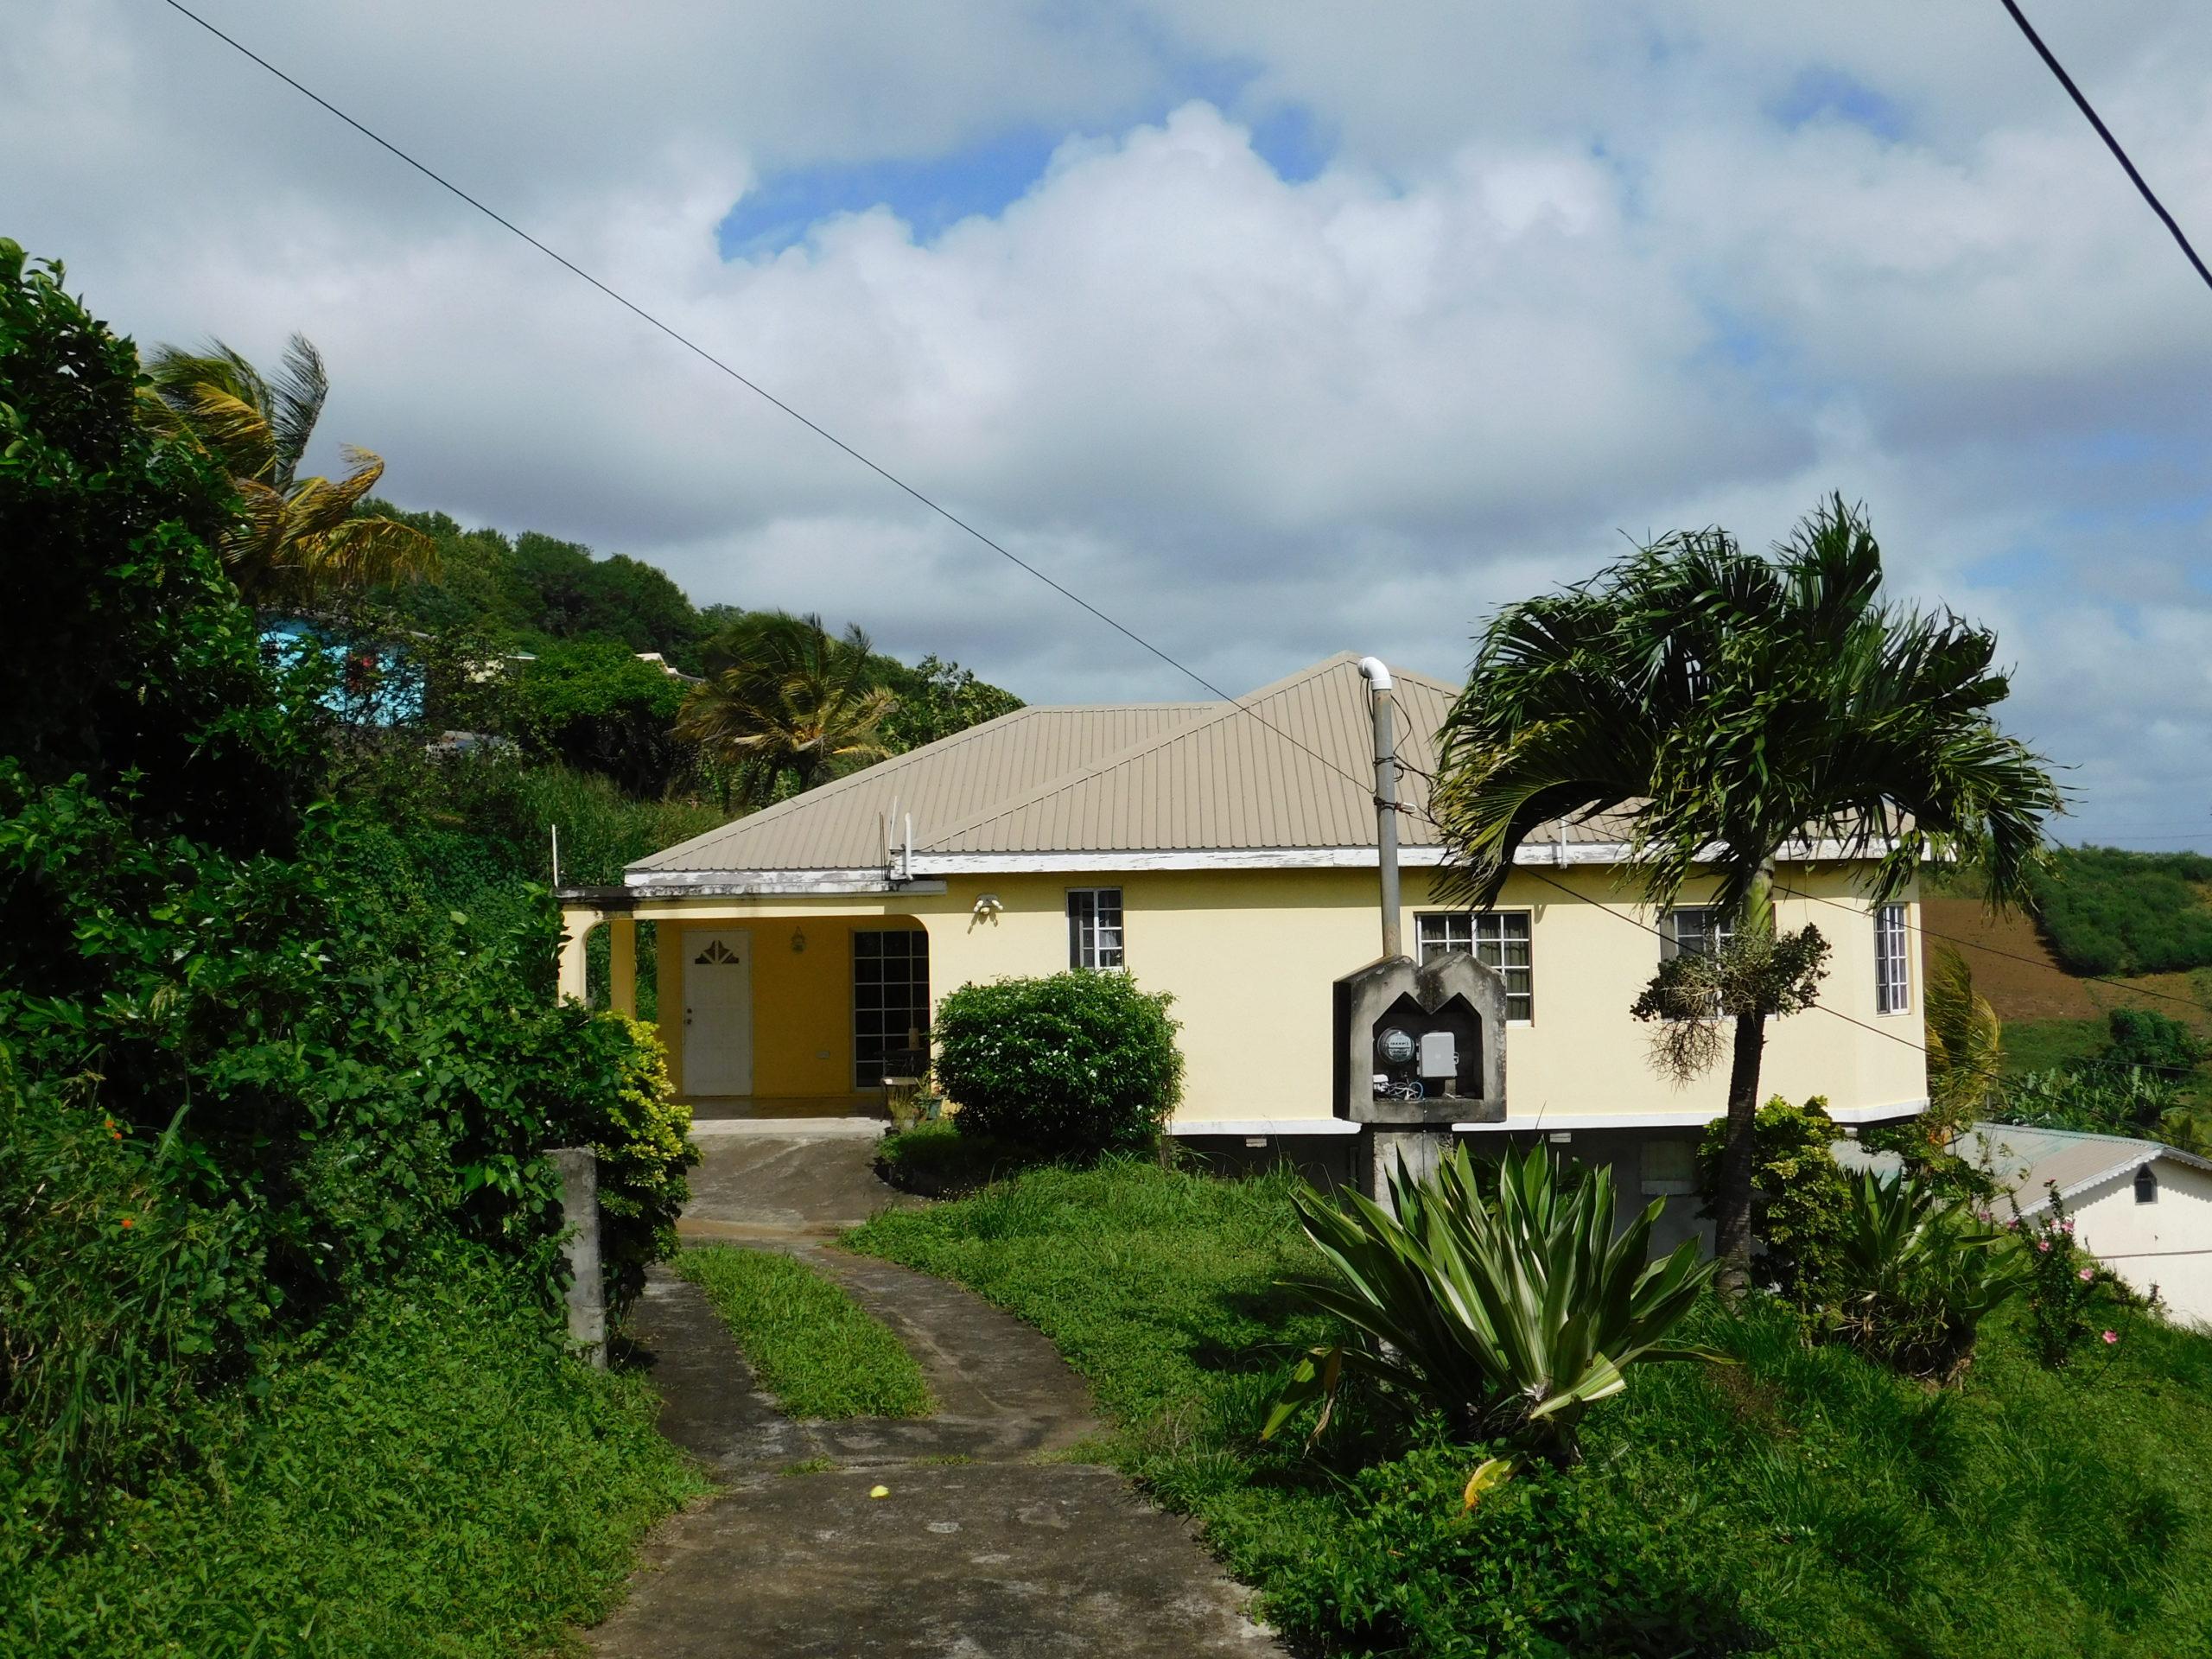 Property for sale – Calder